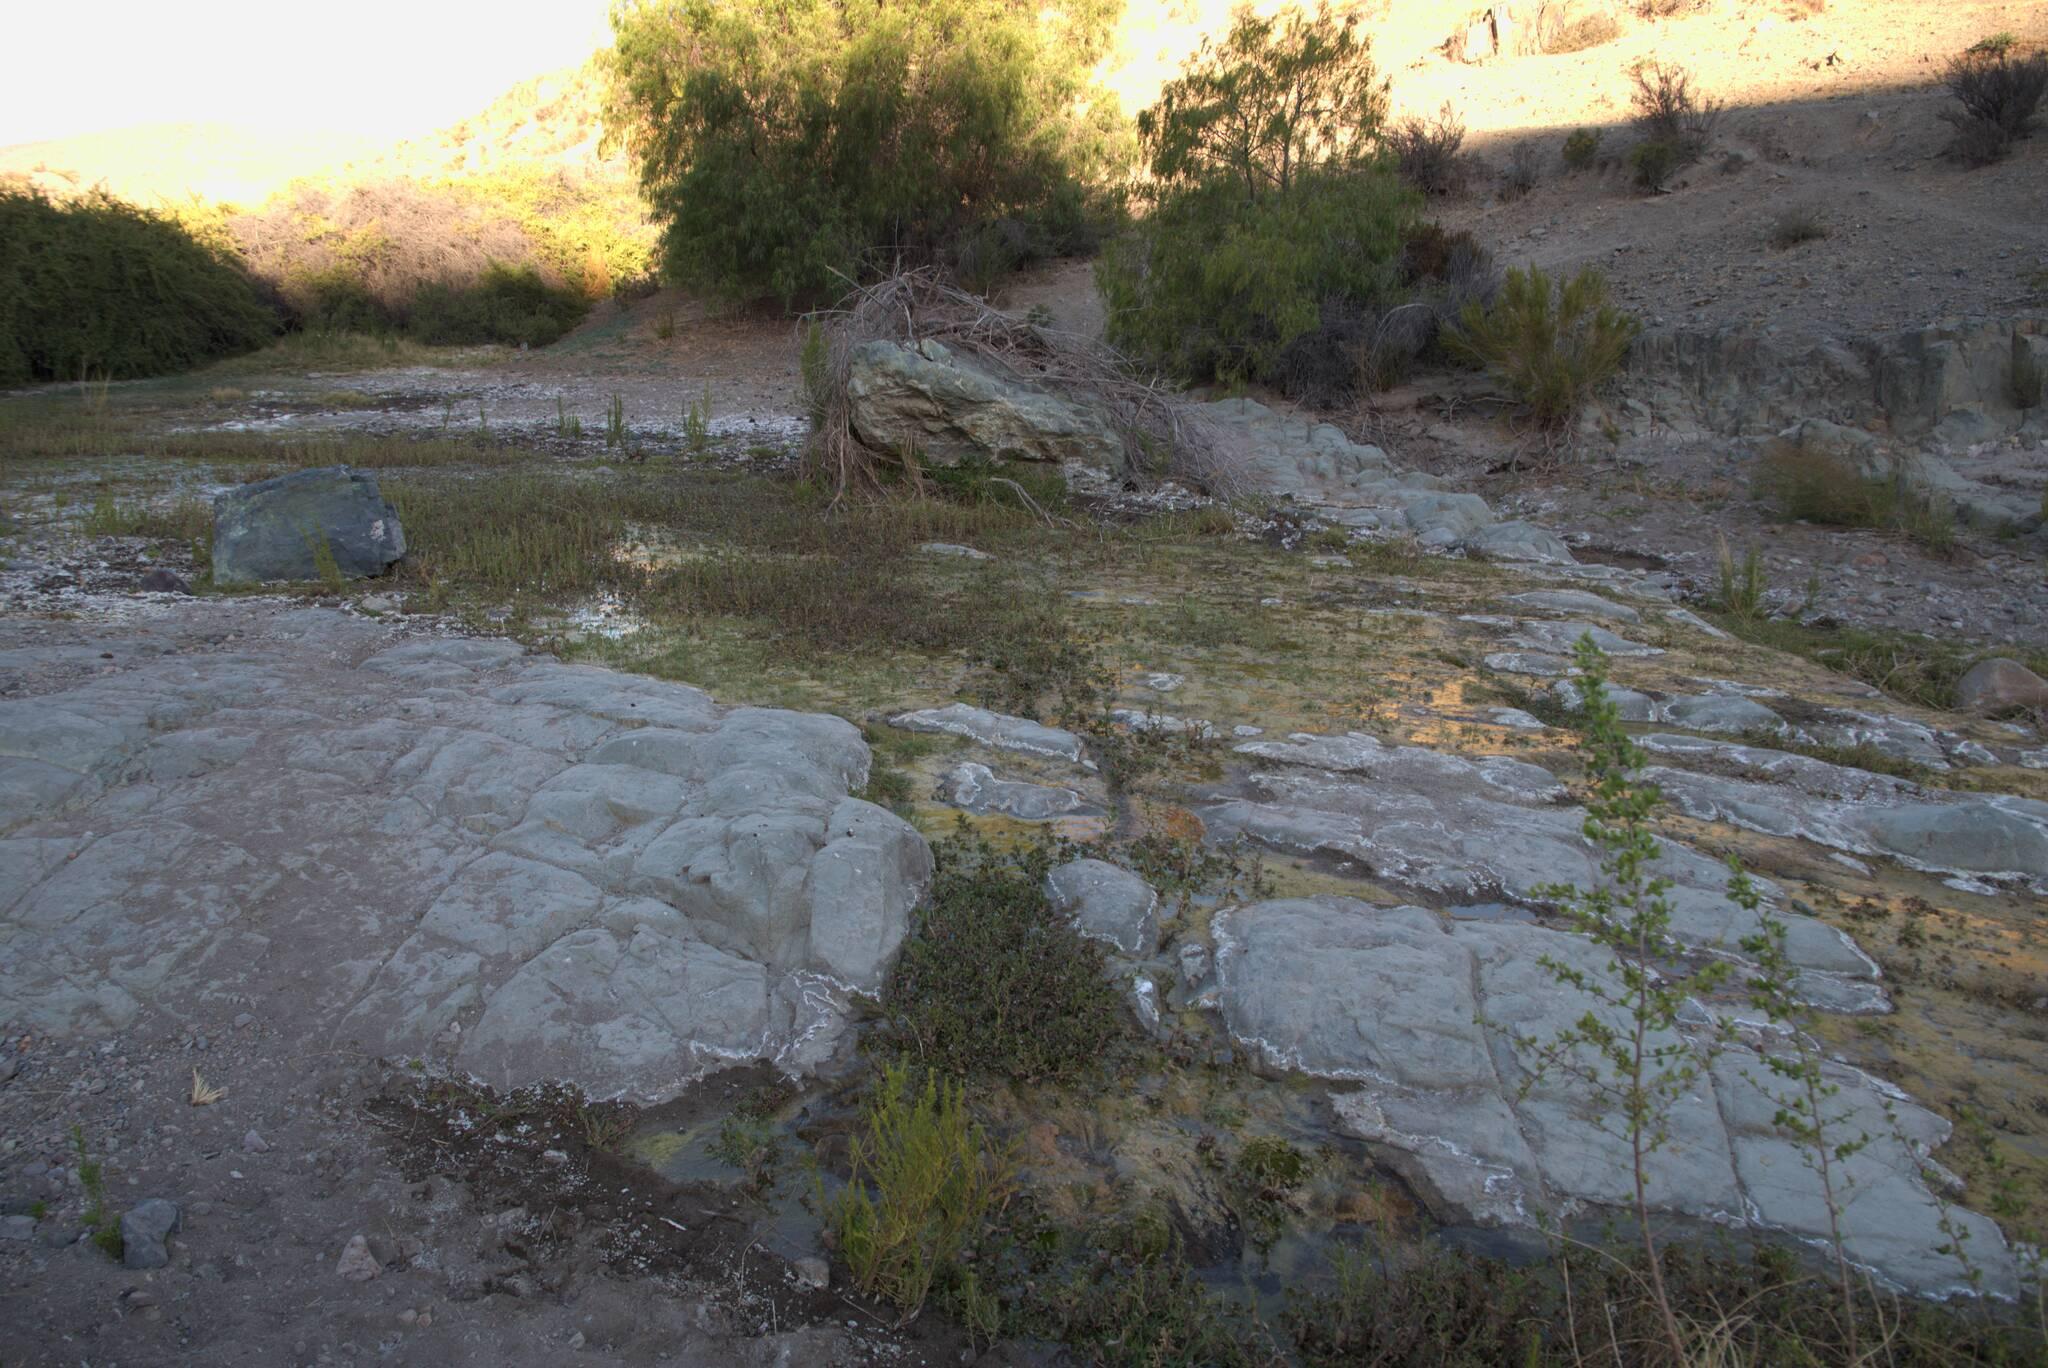 Woda płynie głównie pod ziemią, ale czasem wypływa na powierzchnię